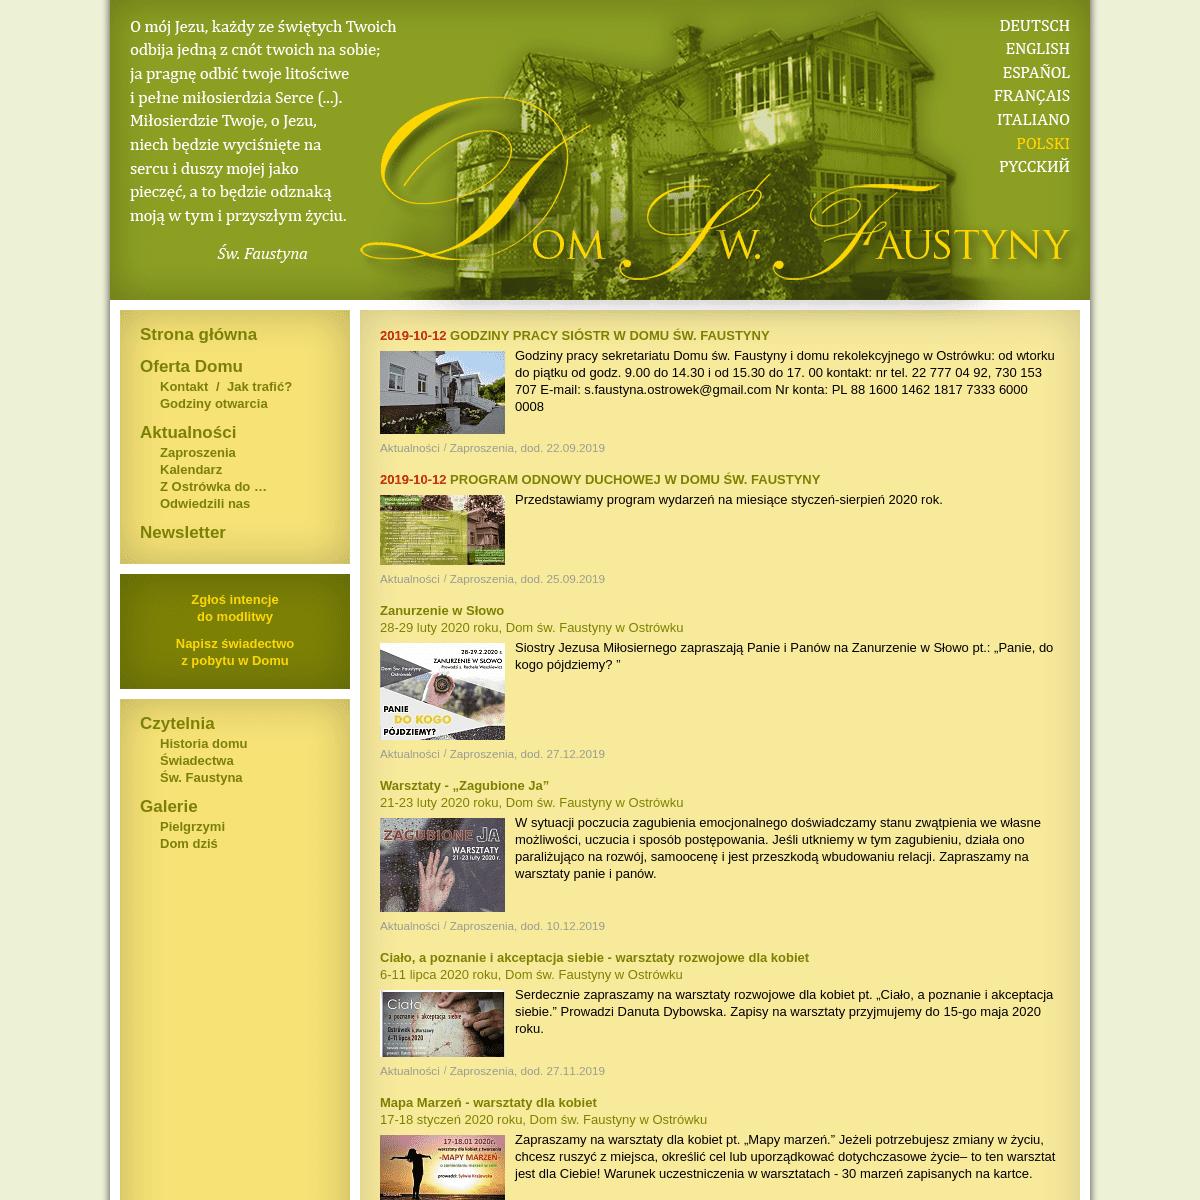 ArchiveBay.com - domfaustyny.pl - Dom Św. Faustyny